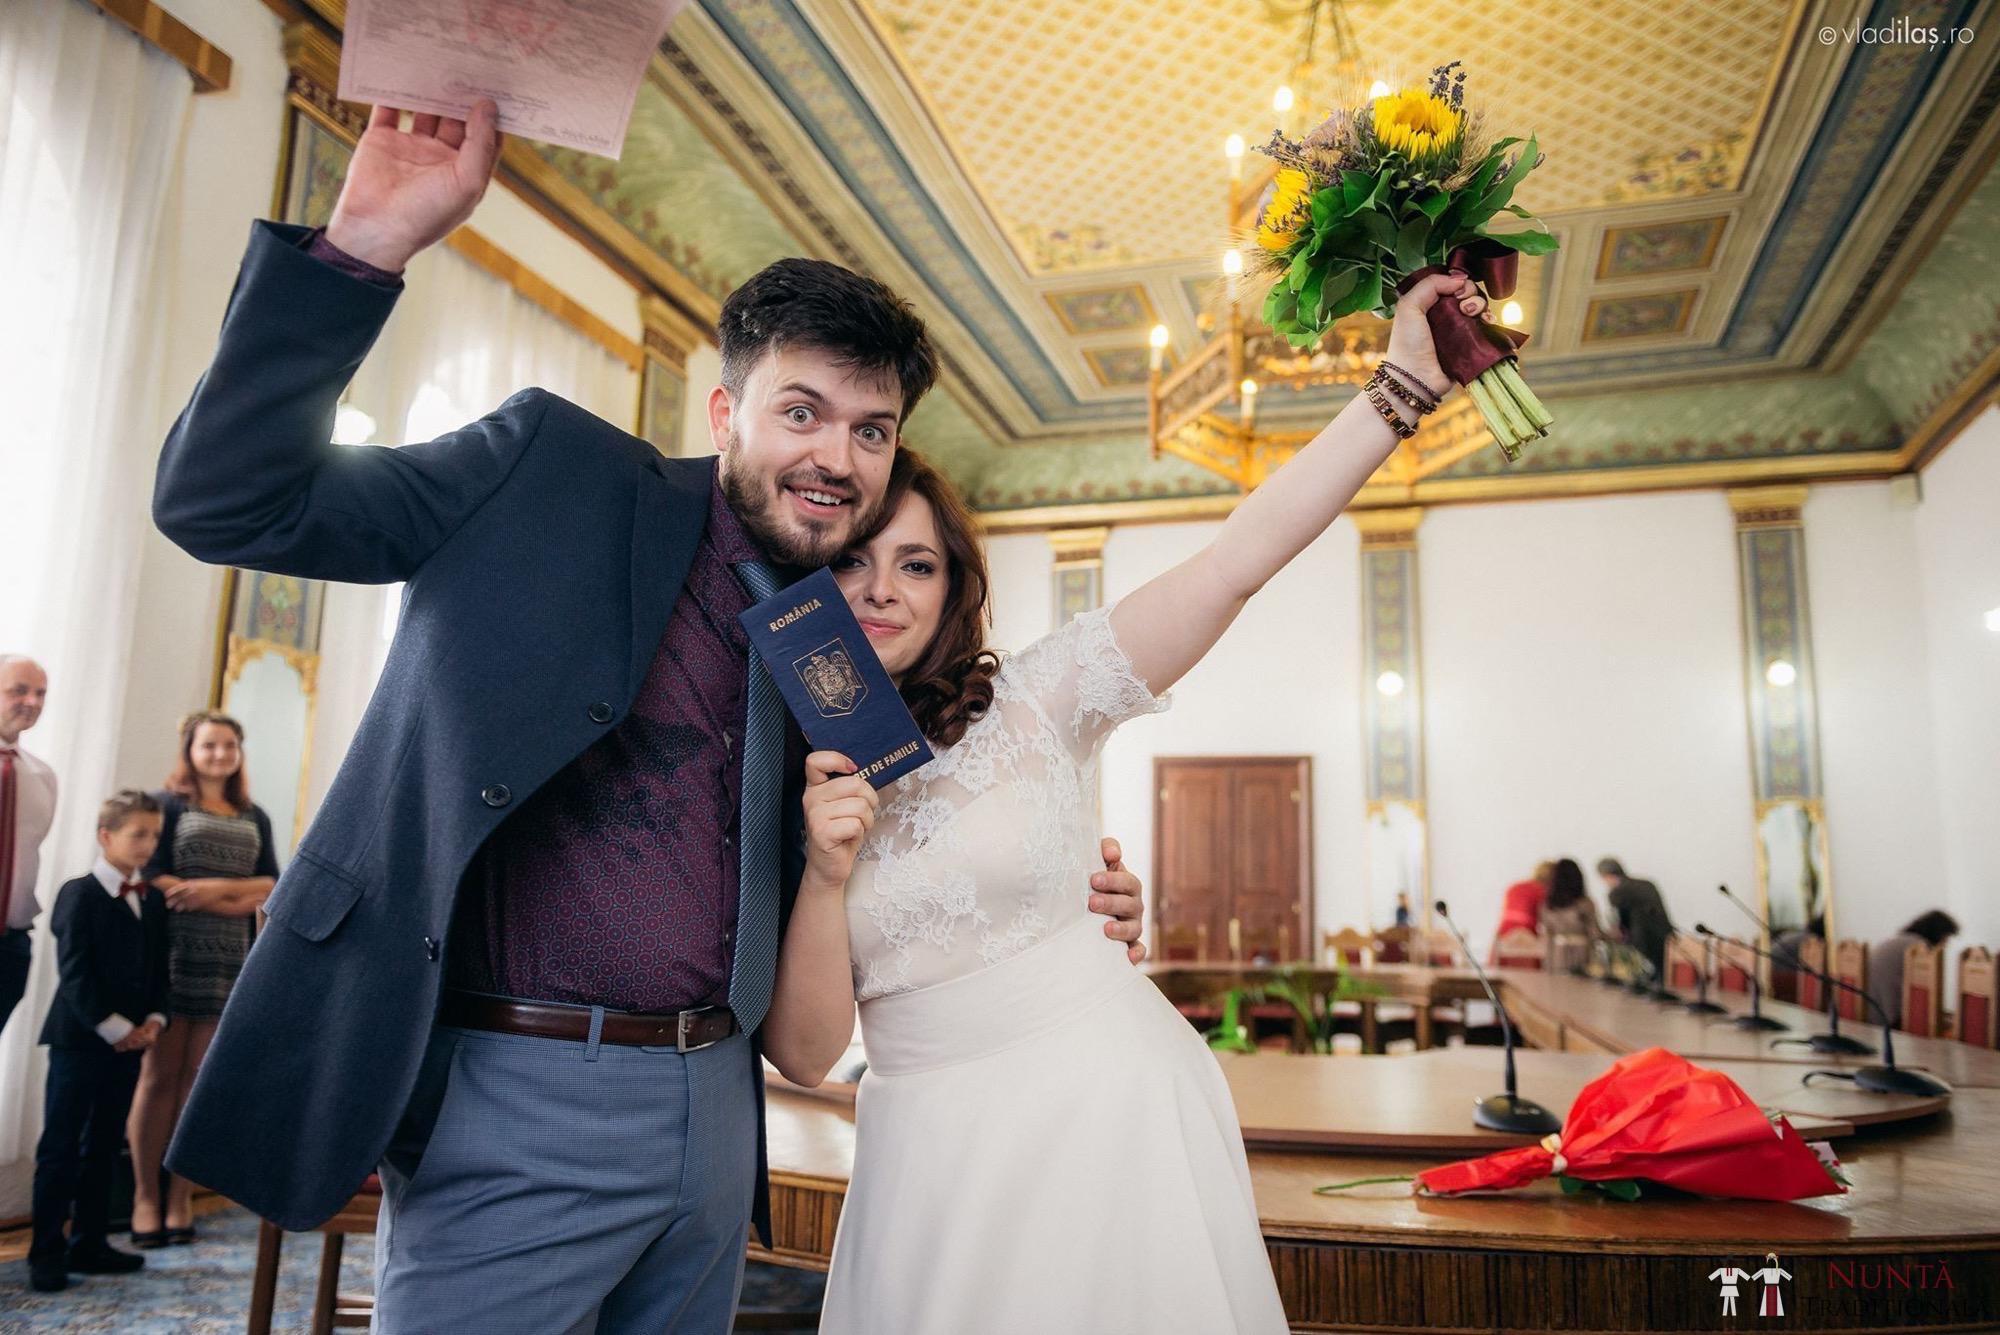 Povești Nunți Tradiționale - Oana și Sergiu - Nuntă tradițională-n Pojorâta, Bucovina 37